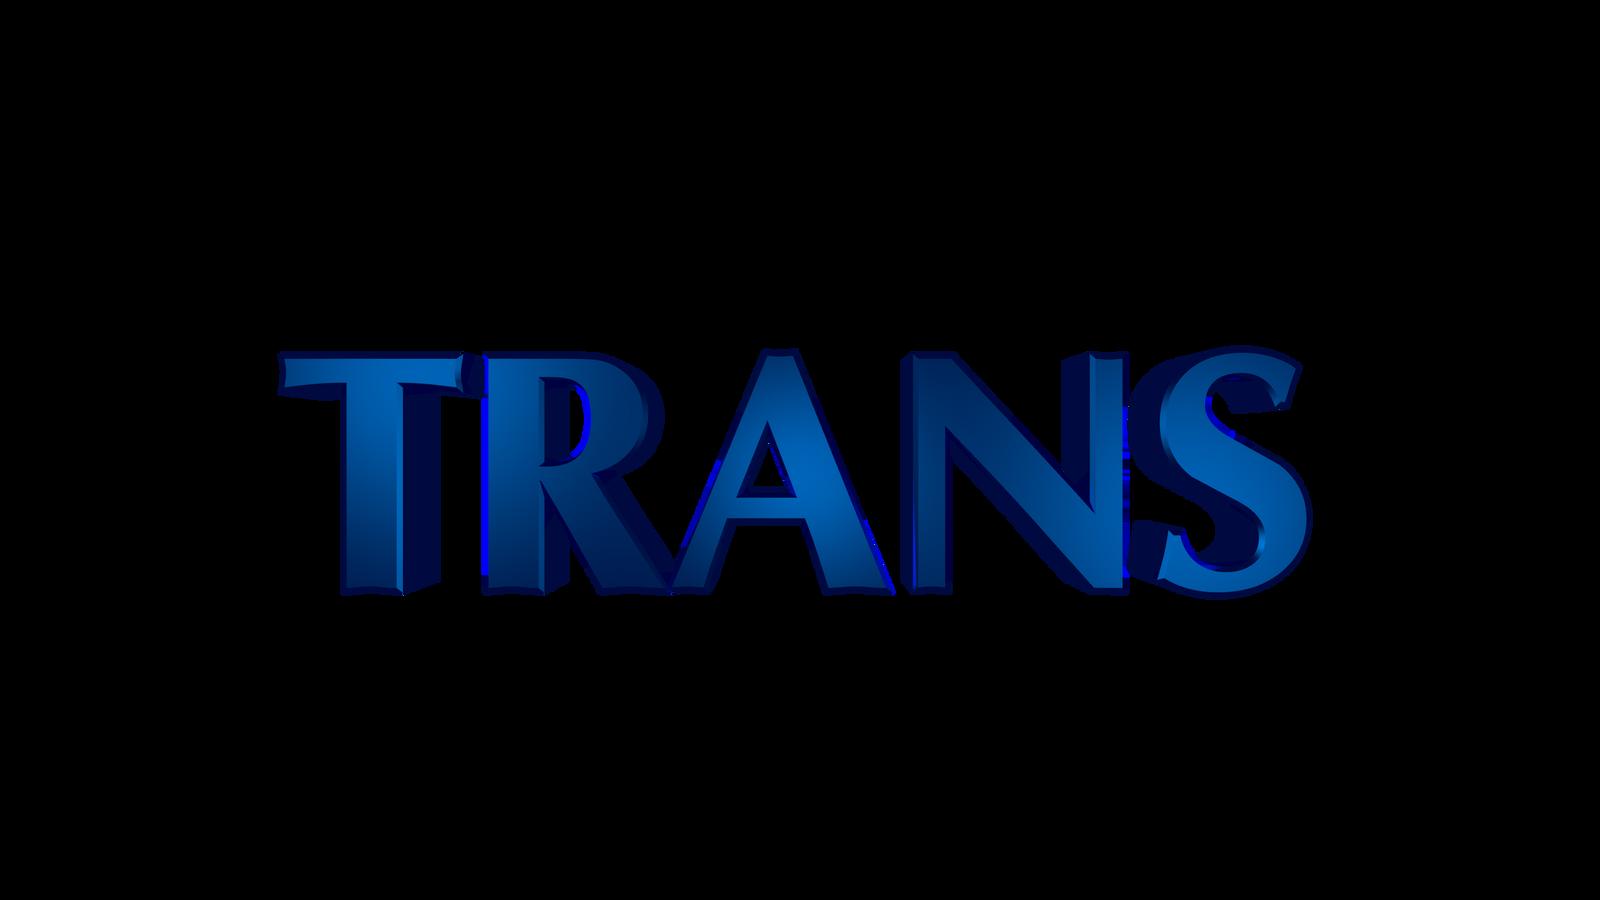 trans tv in blender 3d by therprtnetwork on deviantart deviantart